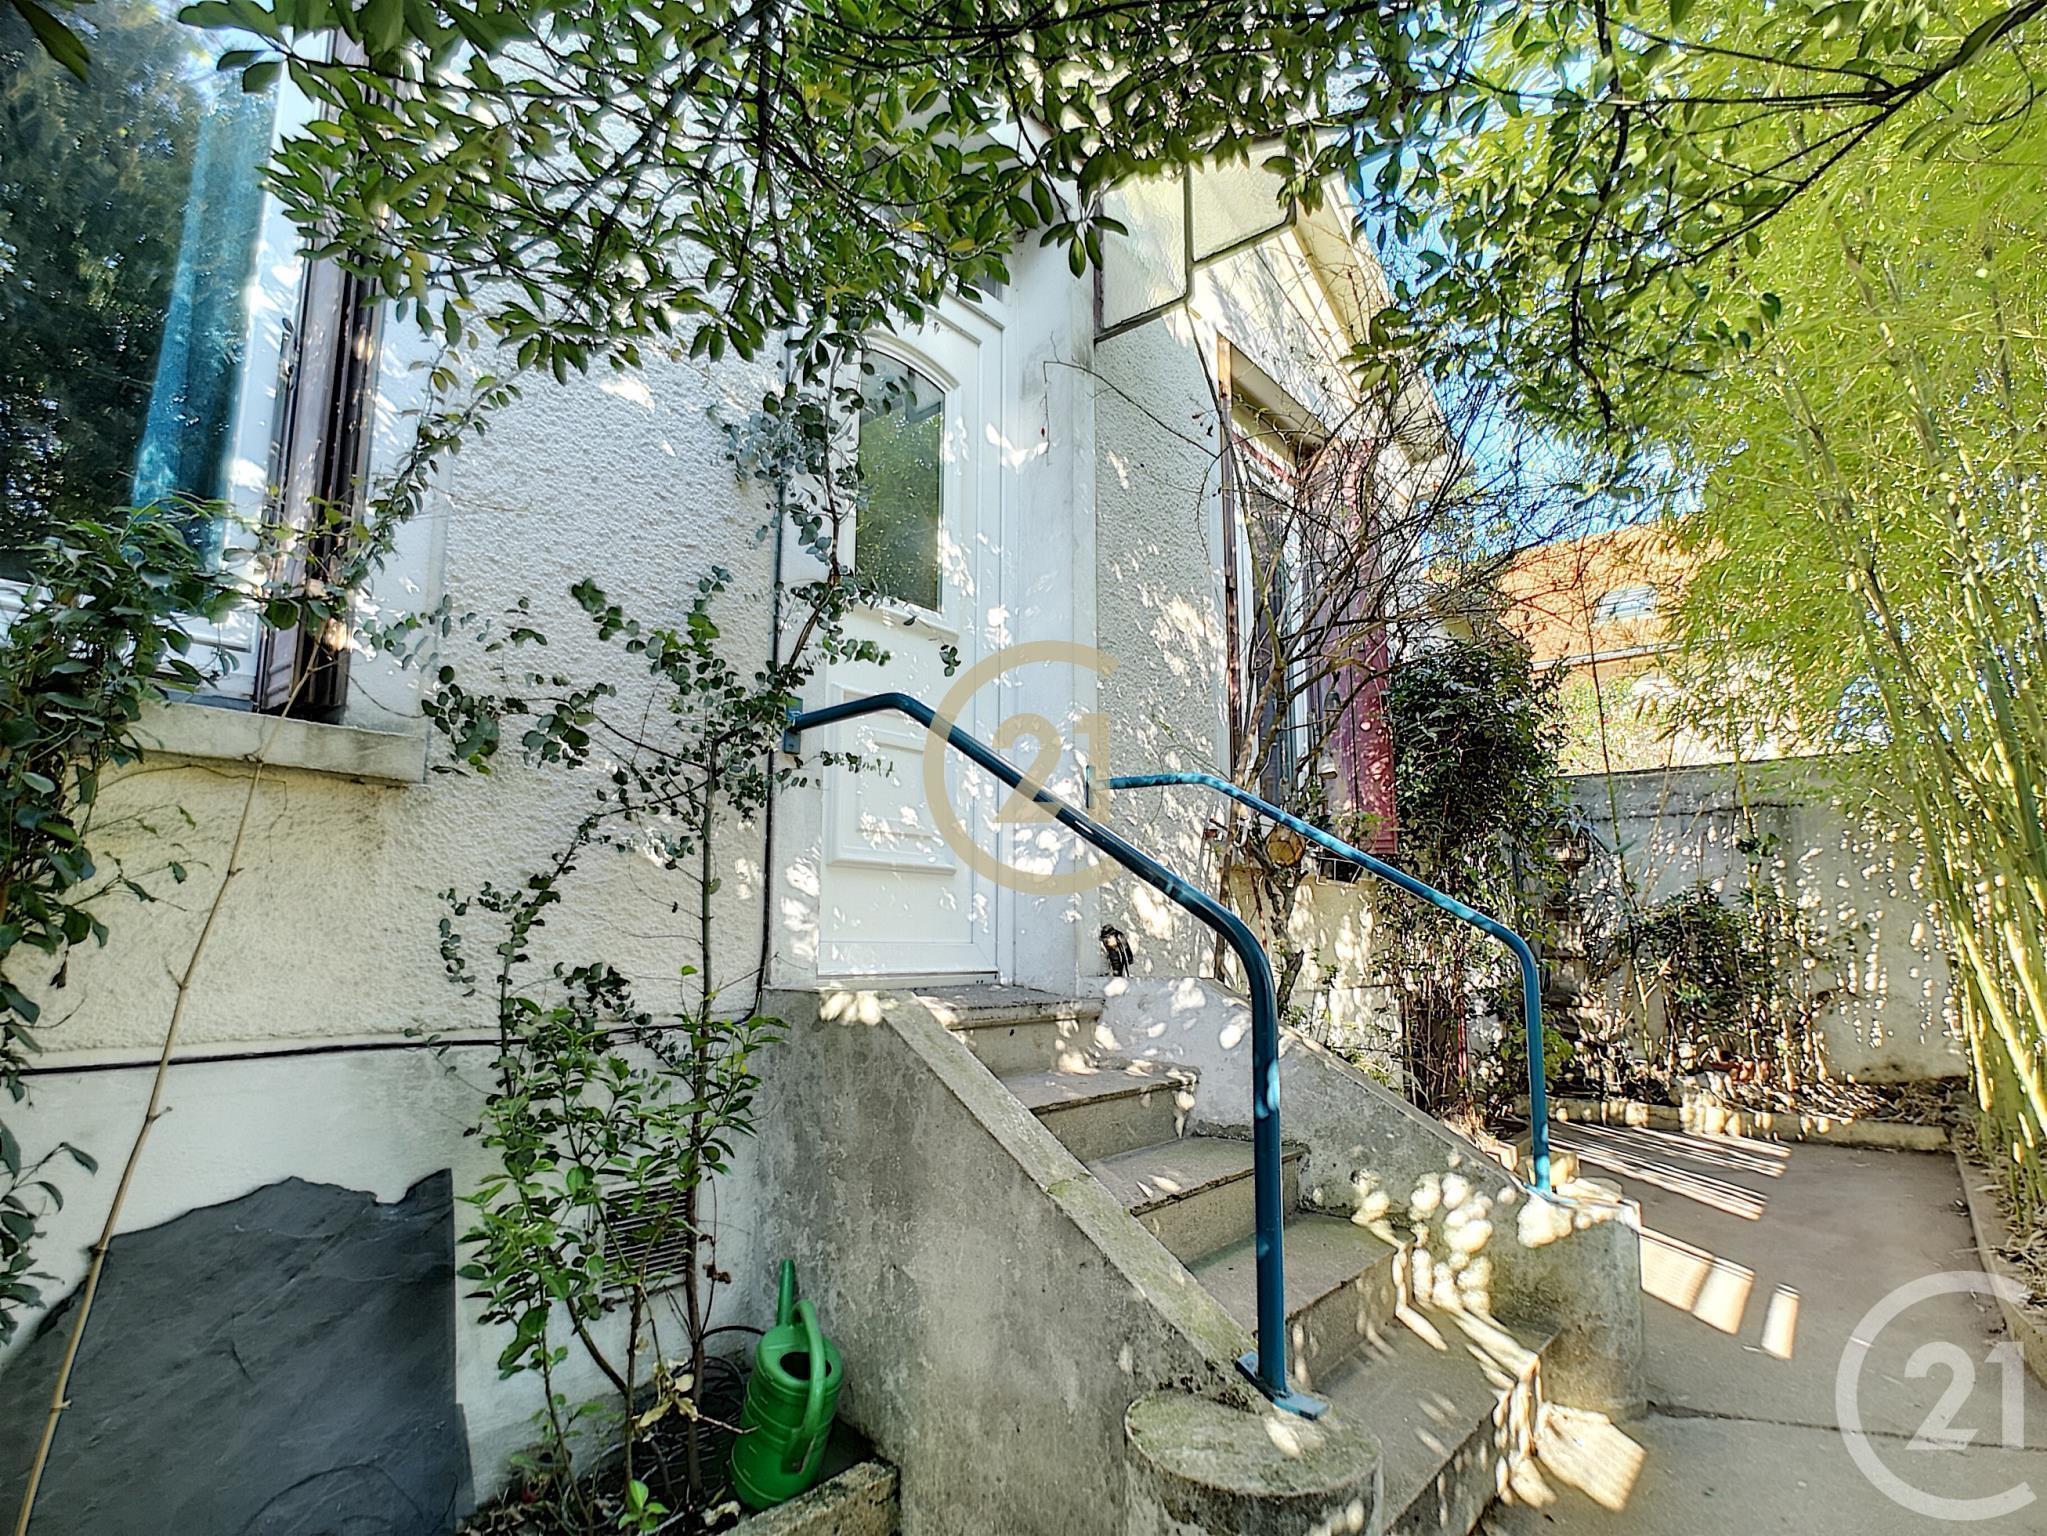 Maison 3 Pièces À Vendre – Montreuil (93100) – Ref. 12690 ... avec Piscine Des Murs À Pêche Montreuil